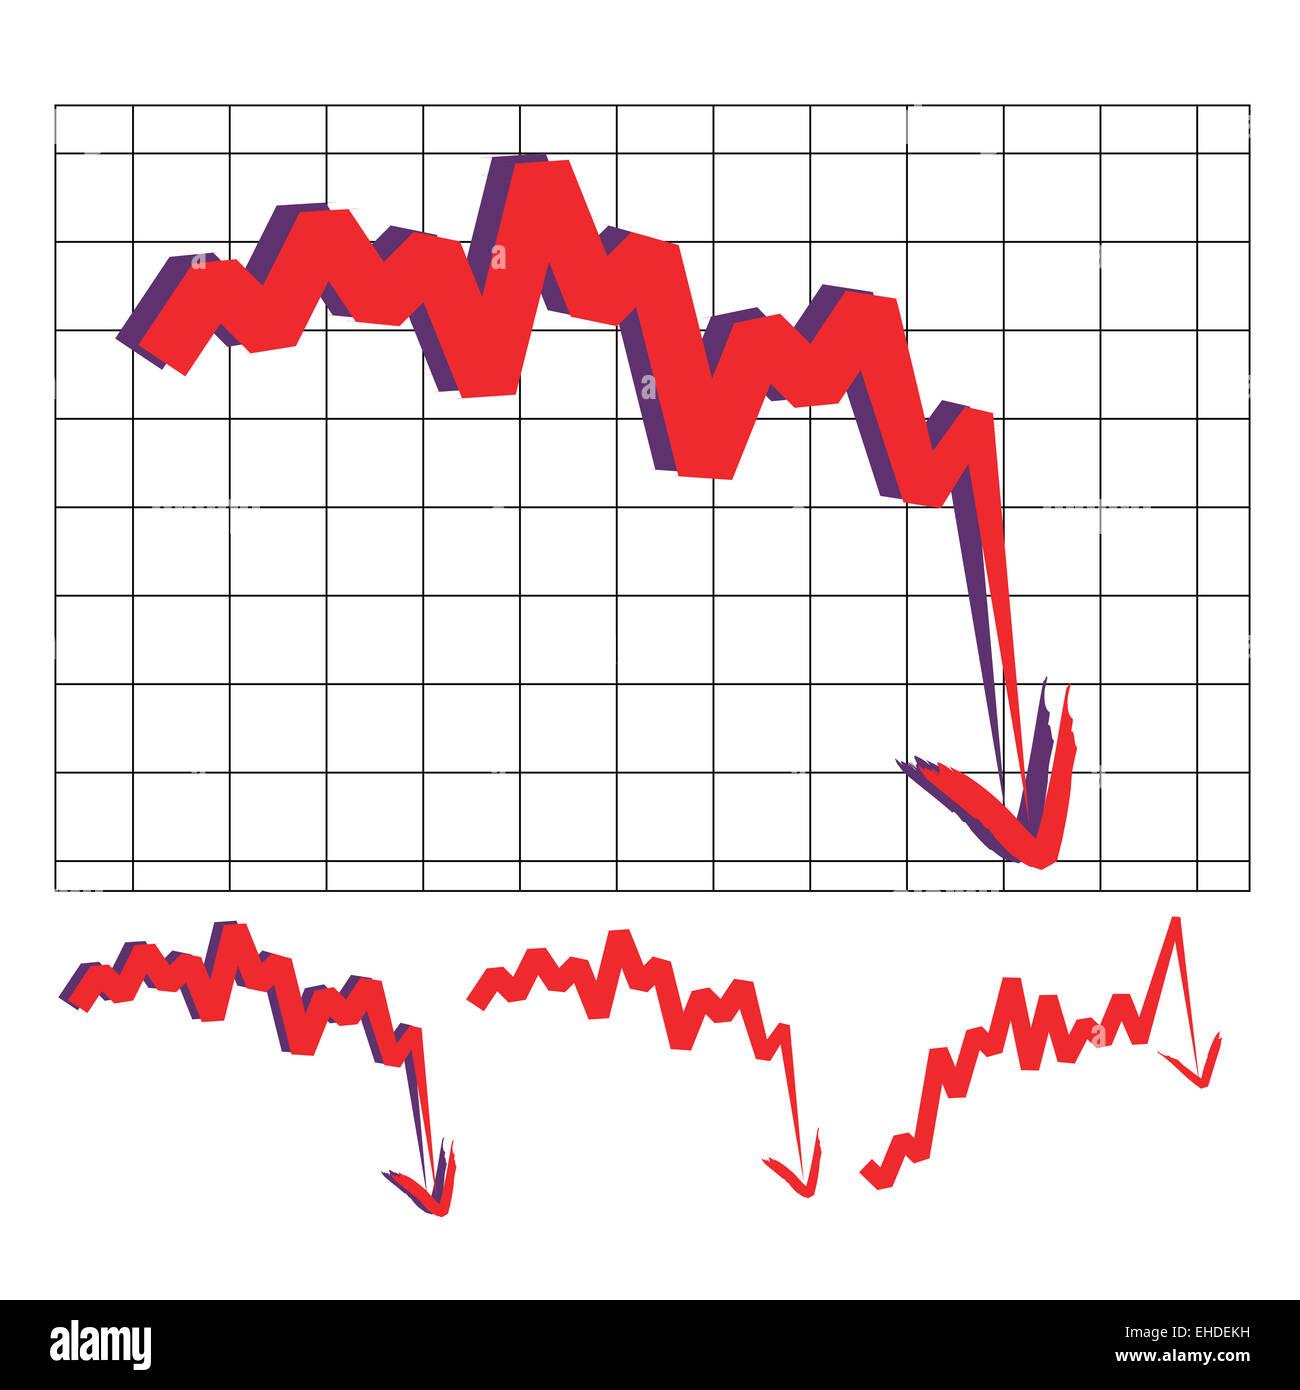 Verso il basso indice di borsa Immagini Stock